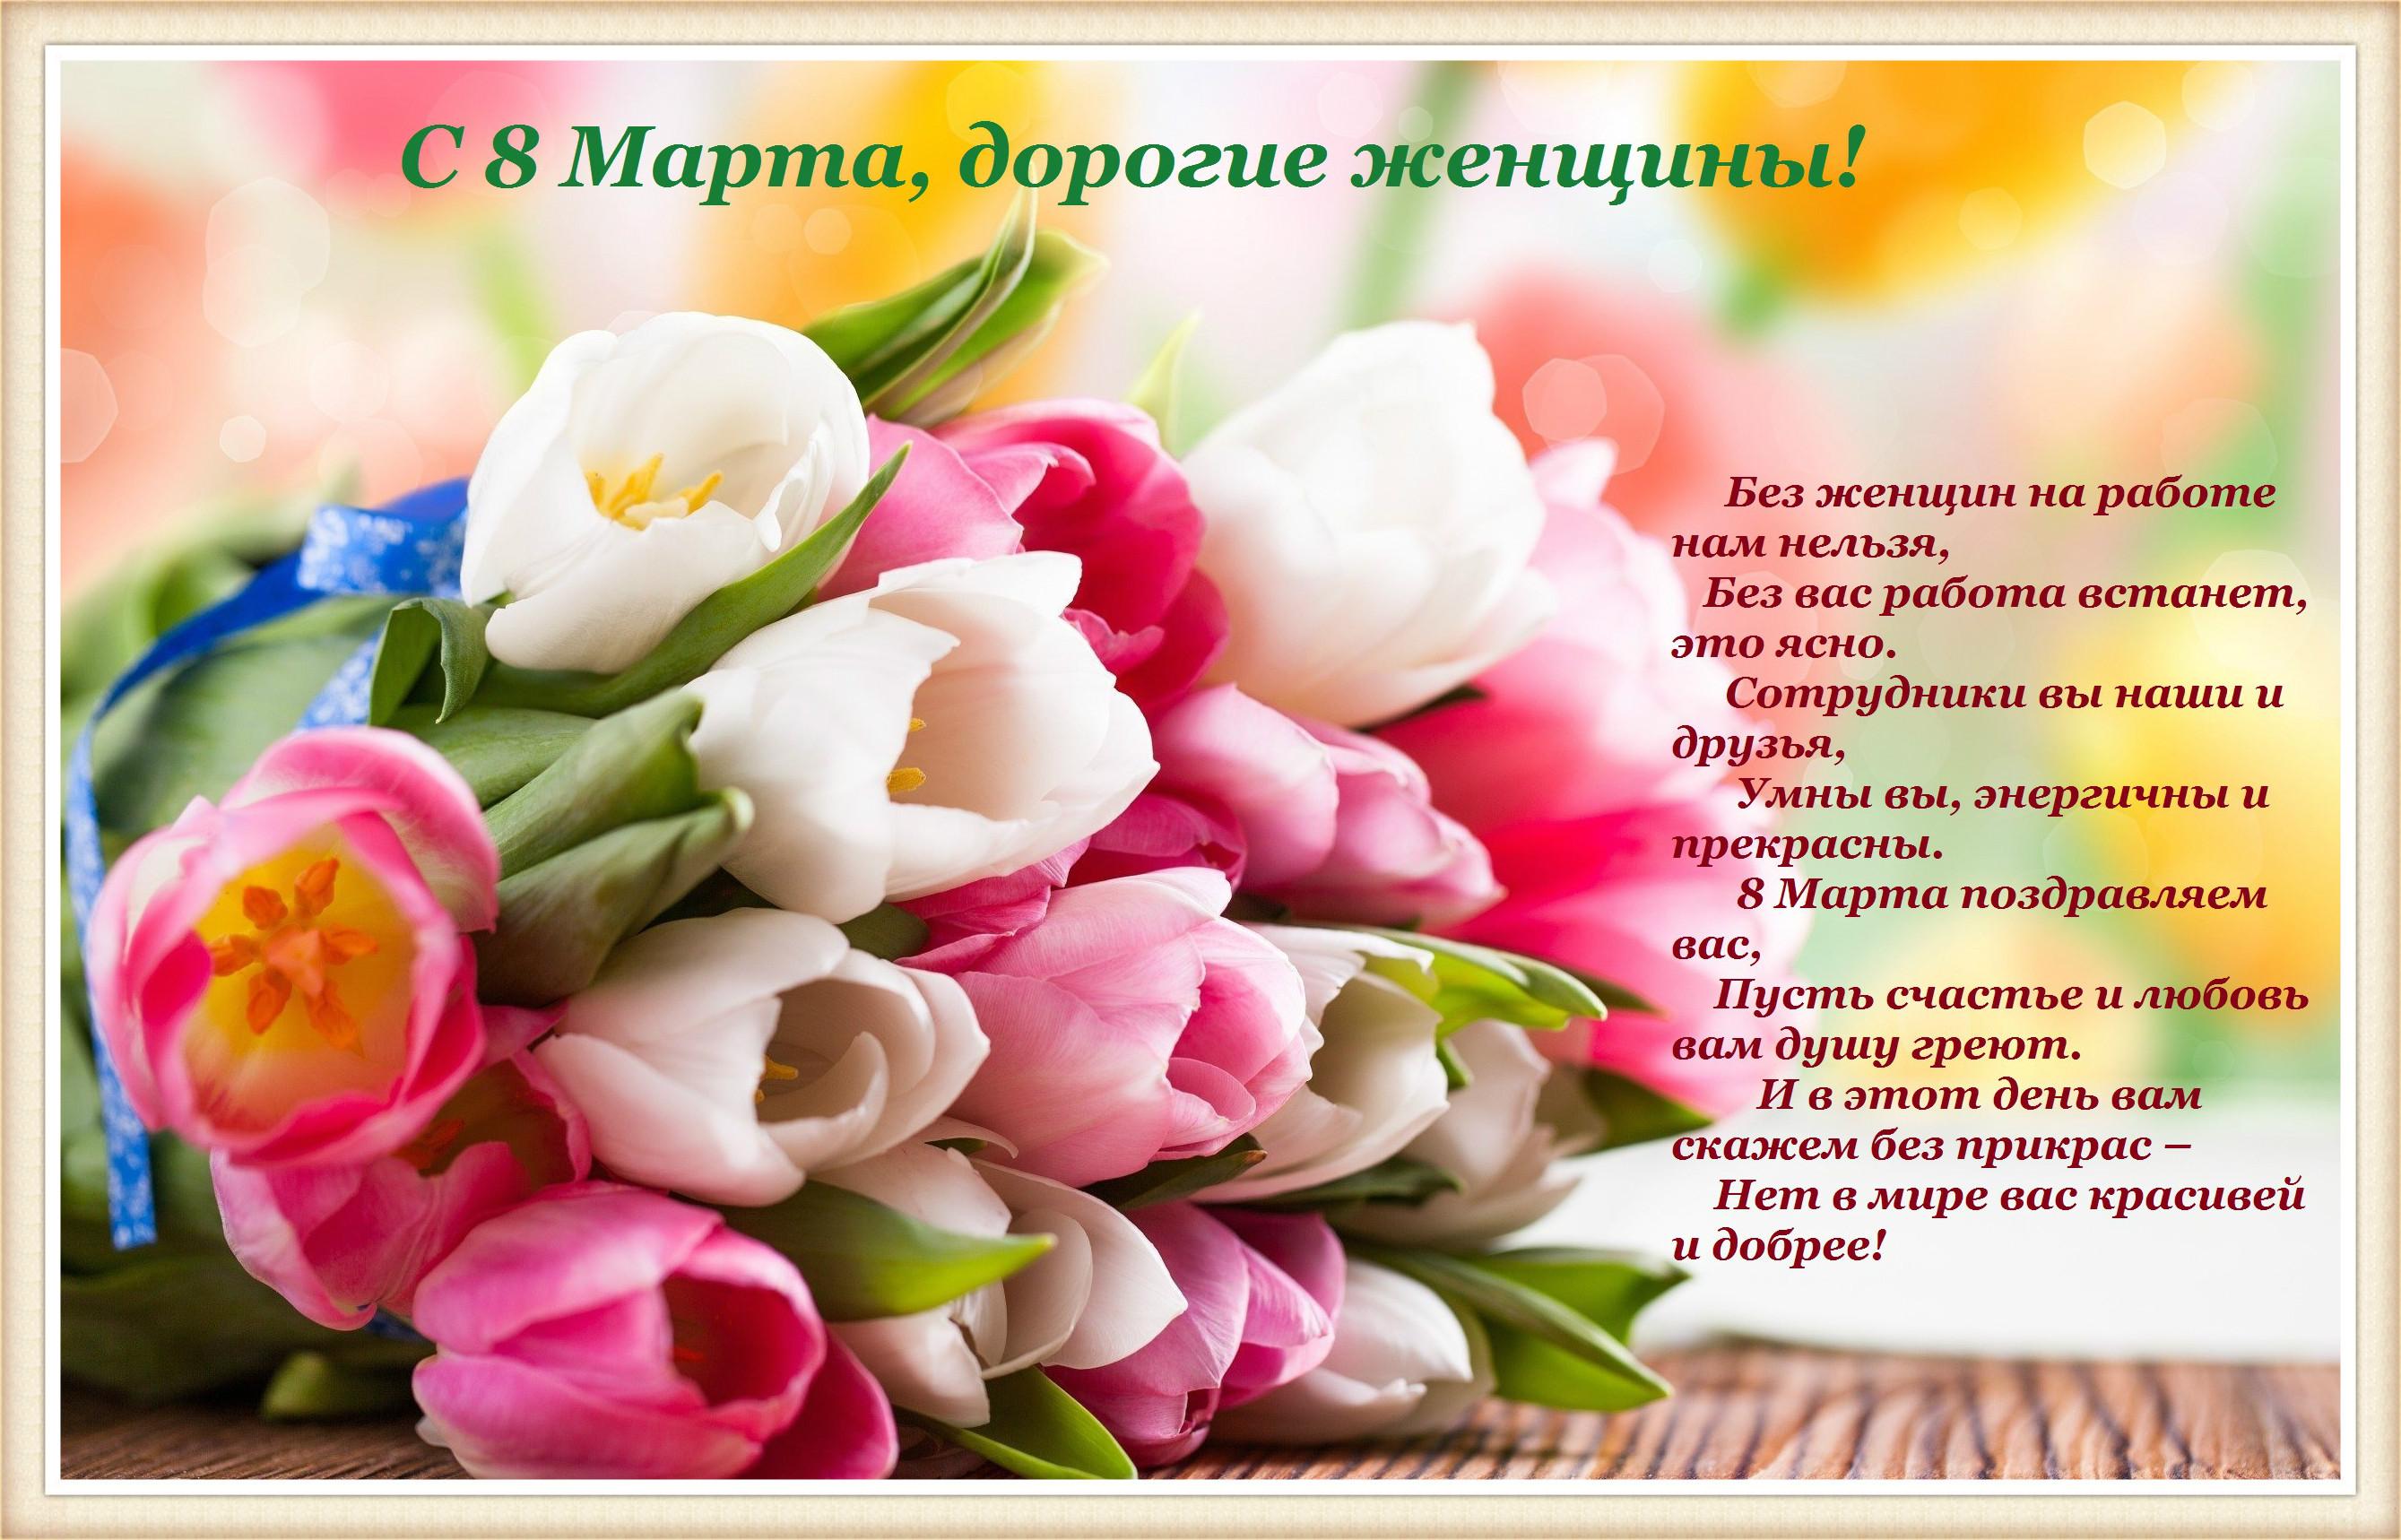 картинки с 8 марта картинки с поздравлениями